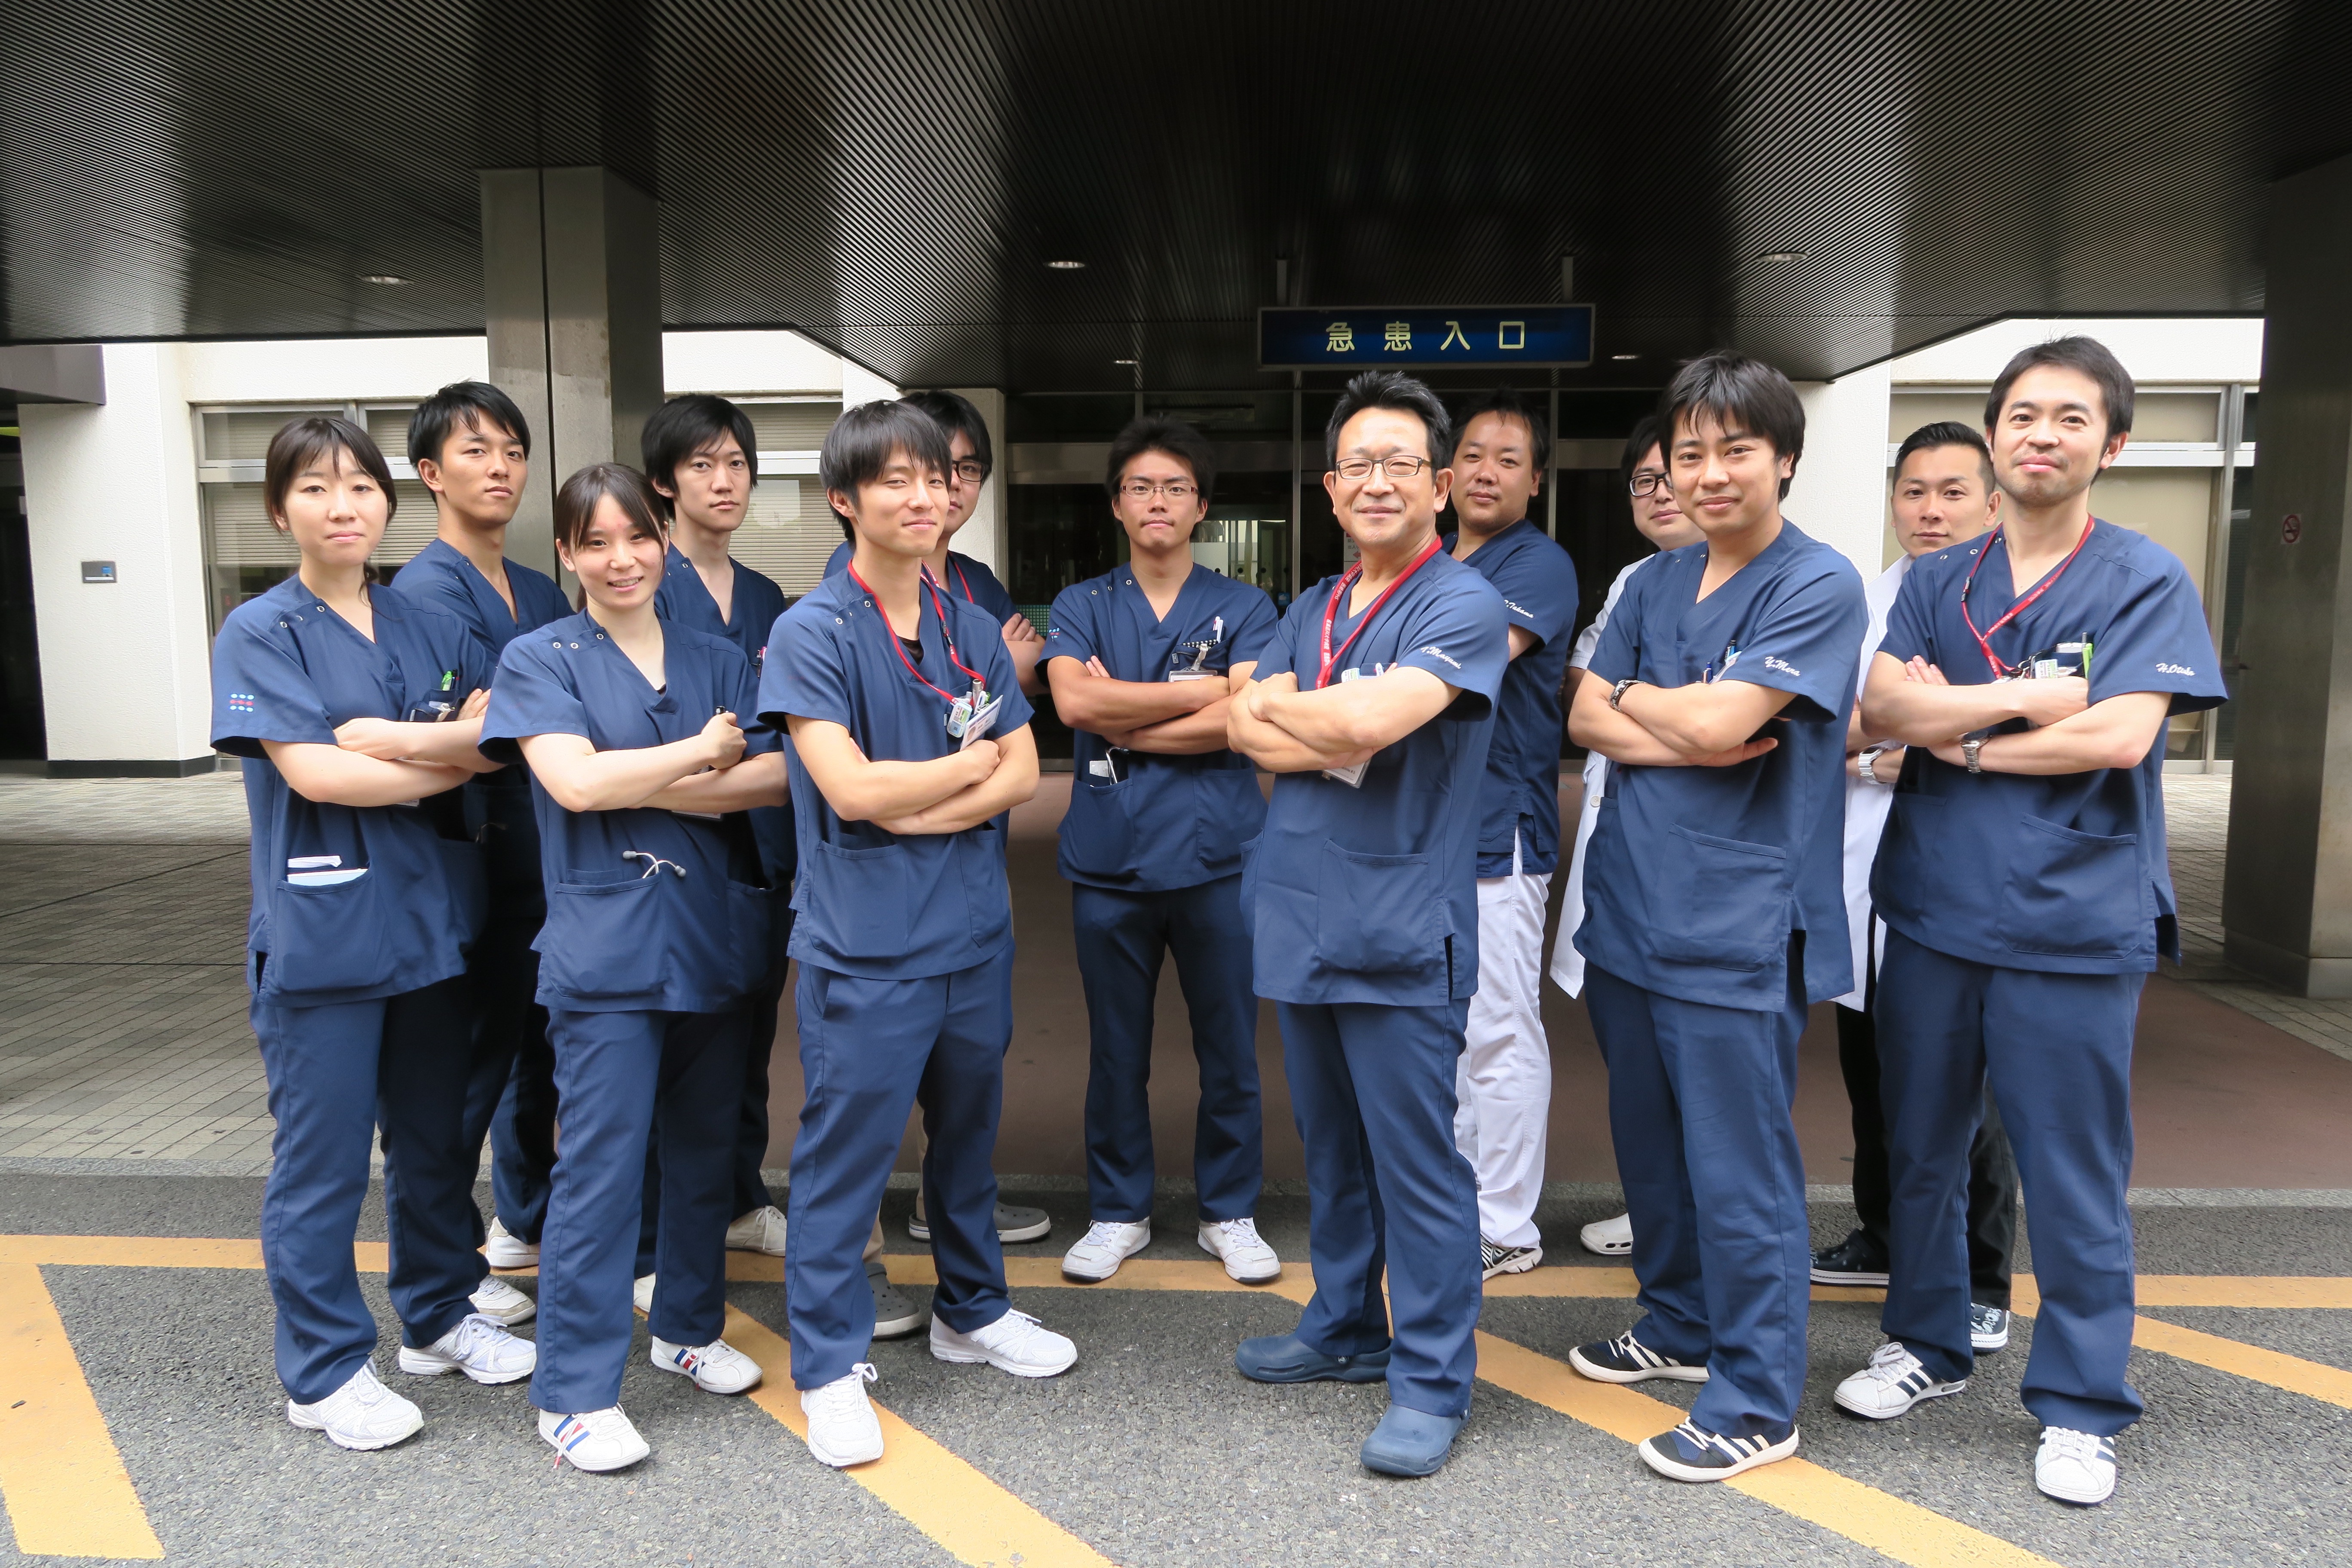 病院 大学 産業 医科